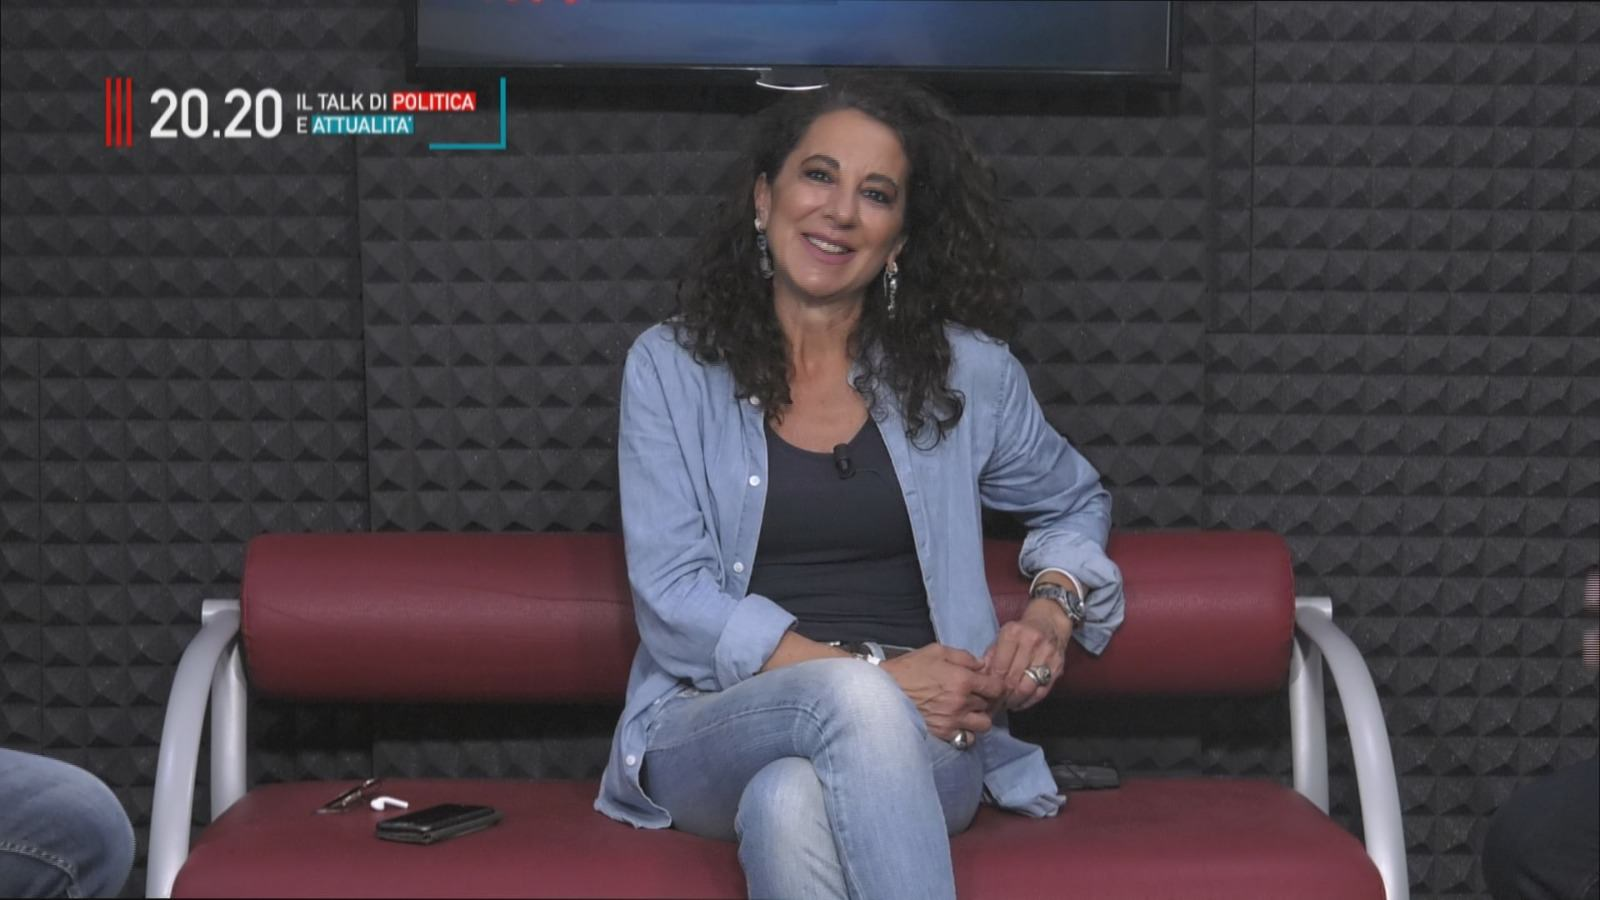 Wanda Ferro 20.20